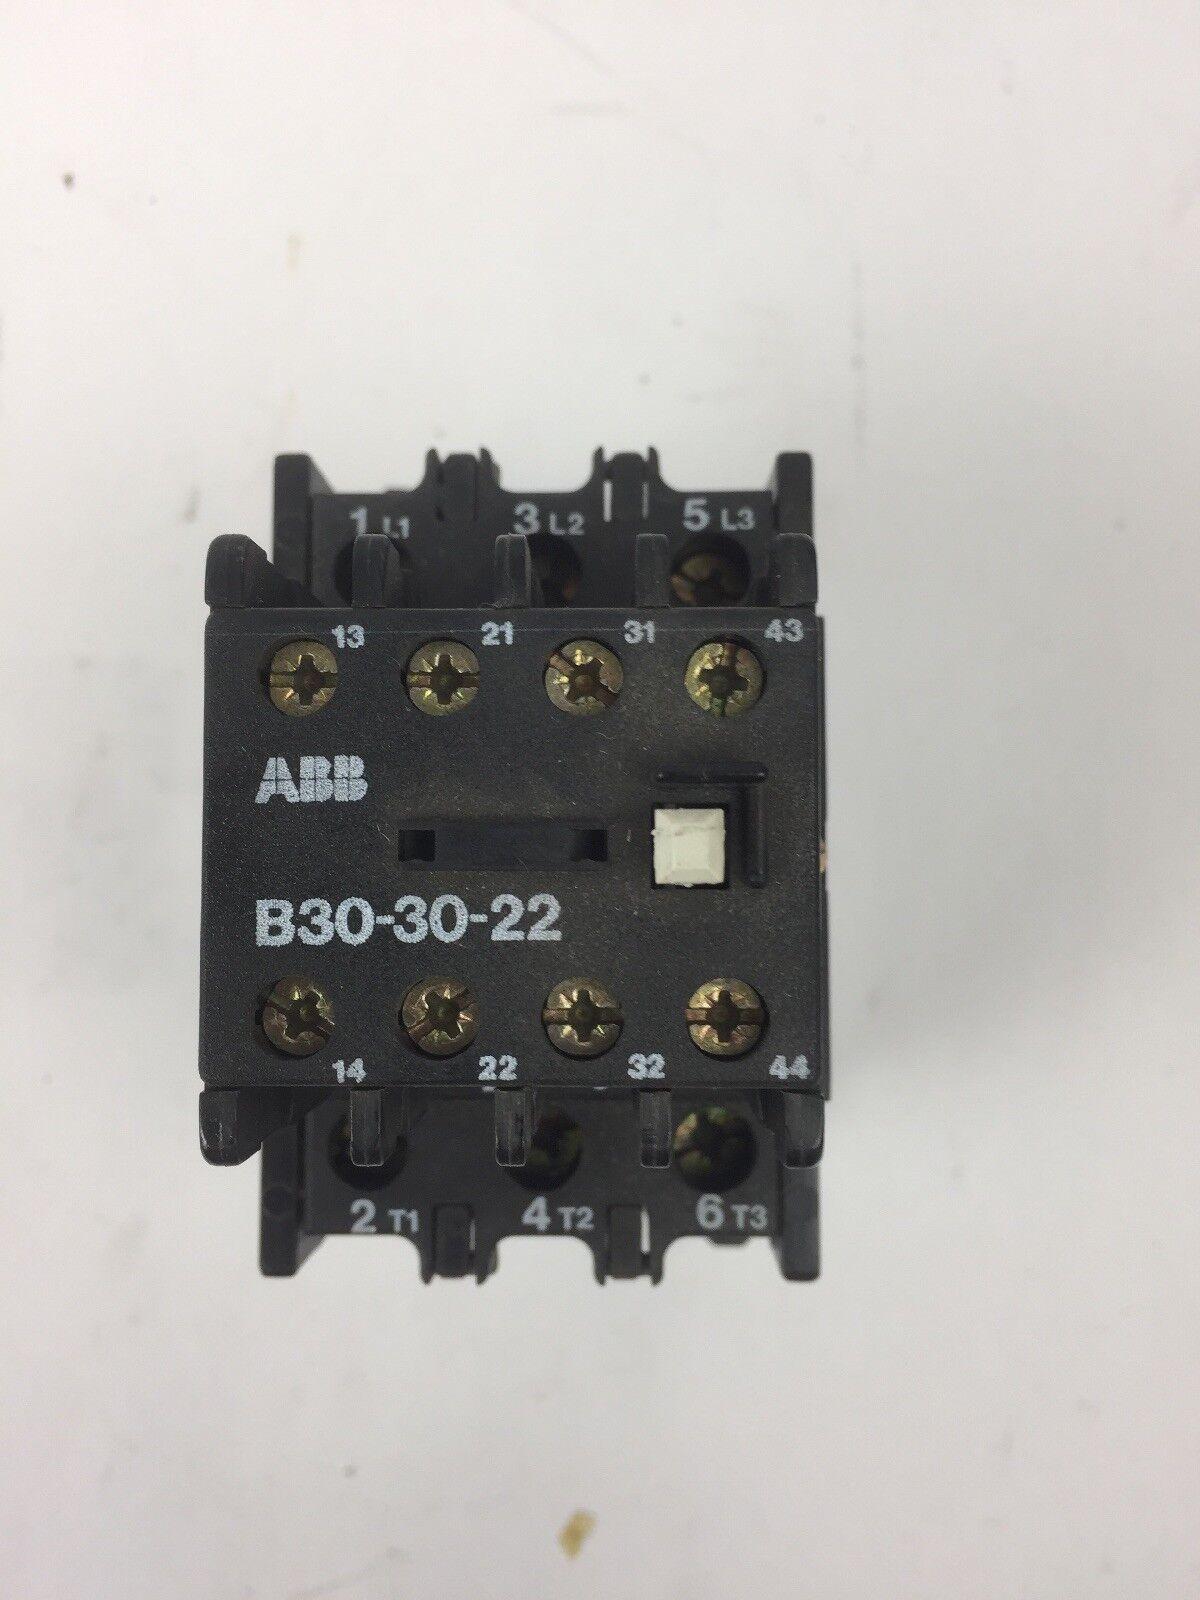 ABB B30-30-22 CONTACTOR 600V 45A COIL 277 V 60 HZ 240 V 50 HZ